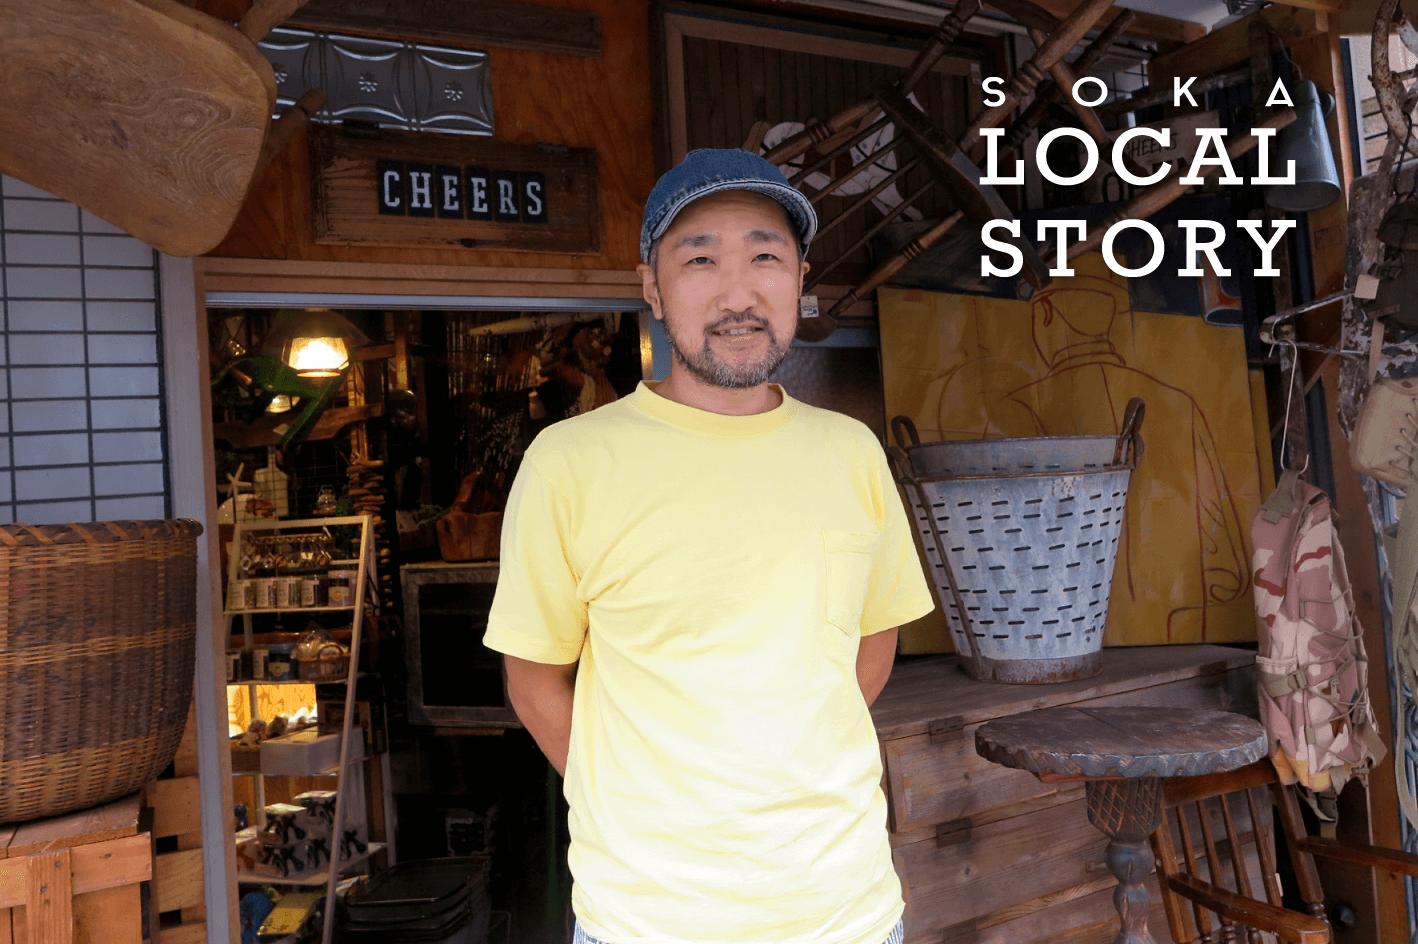 ローカルWEBメディア・地域サイト 草加ローカルストーリー 石田 尚久さん トップ写真